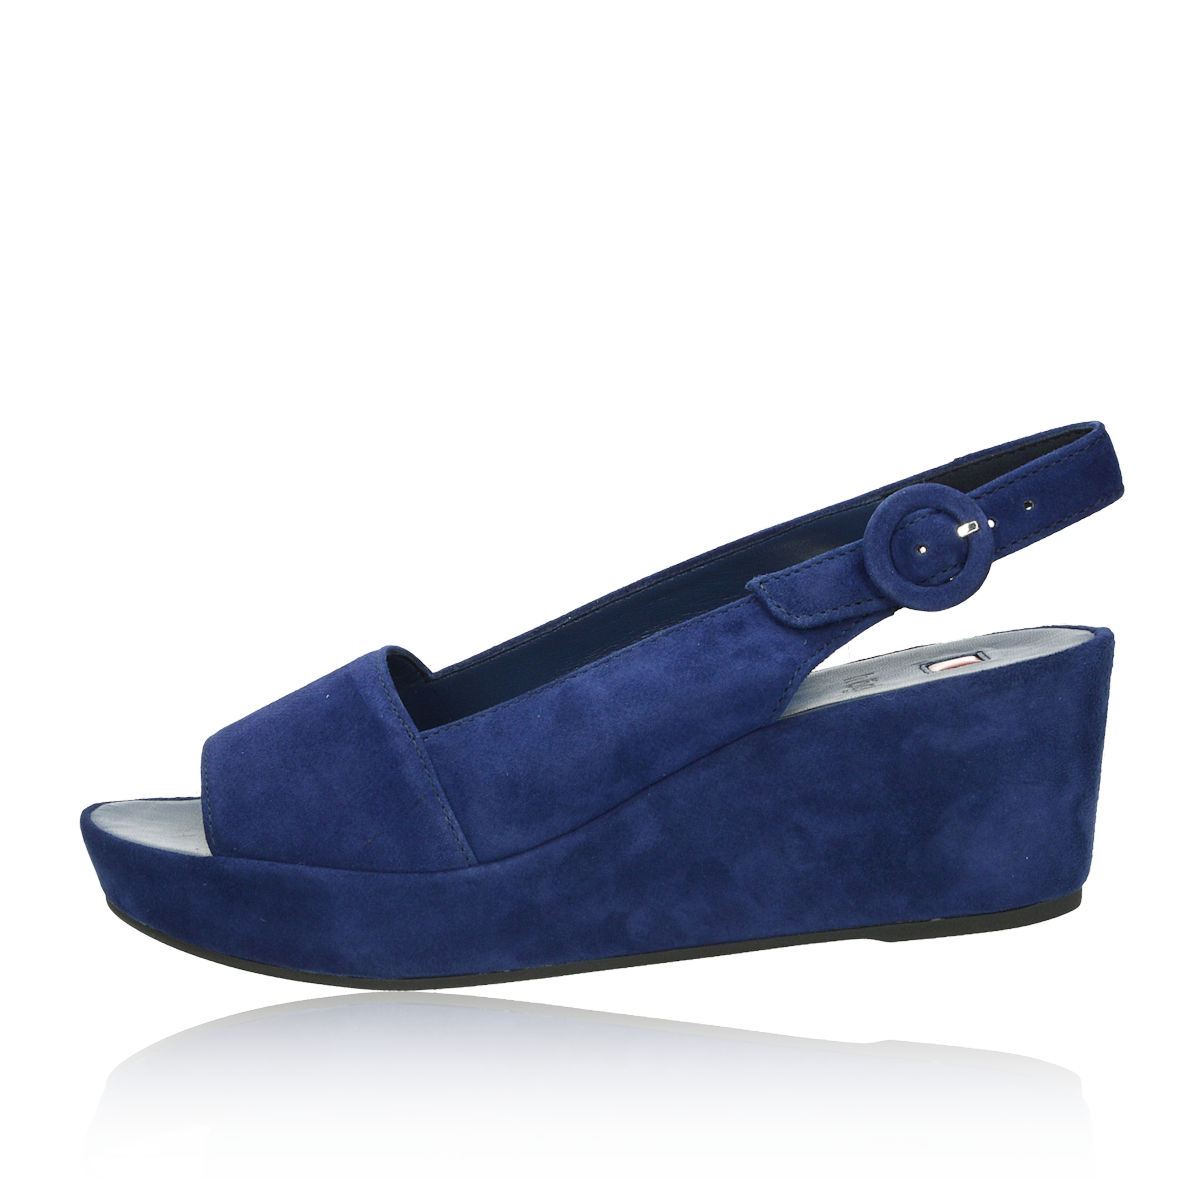 Högl dámske sandále - modré Högl dámske sandále - modré ... 830fbc6b5d3